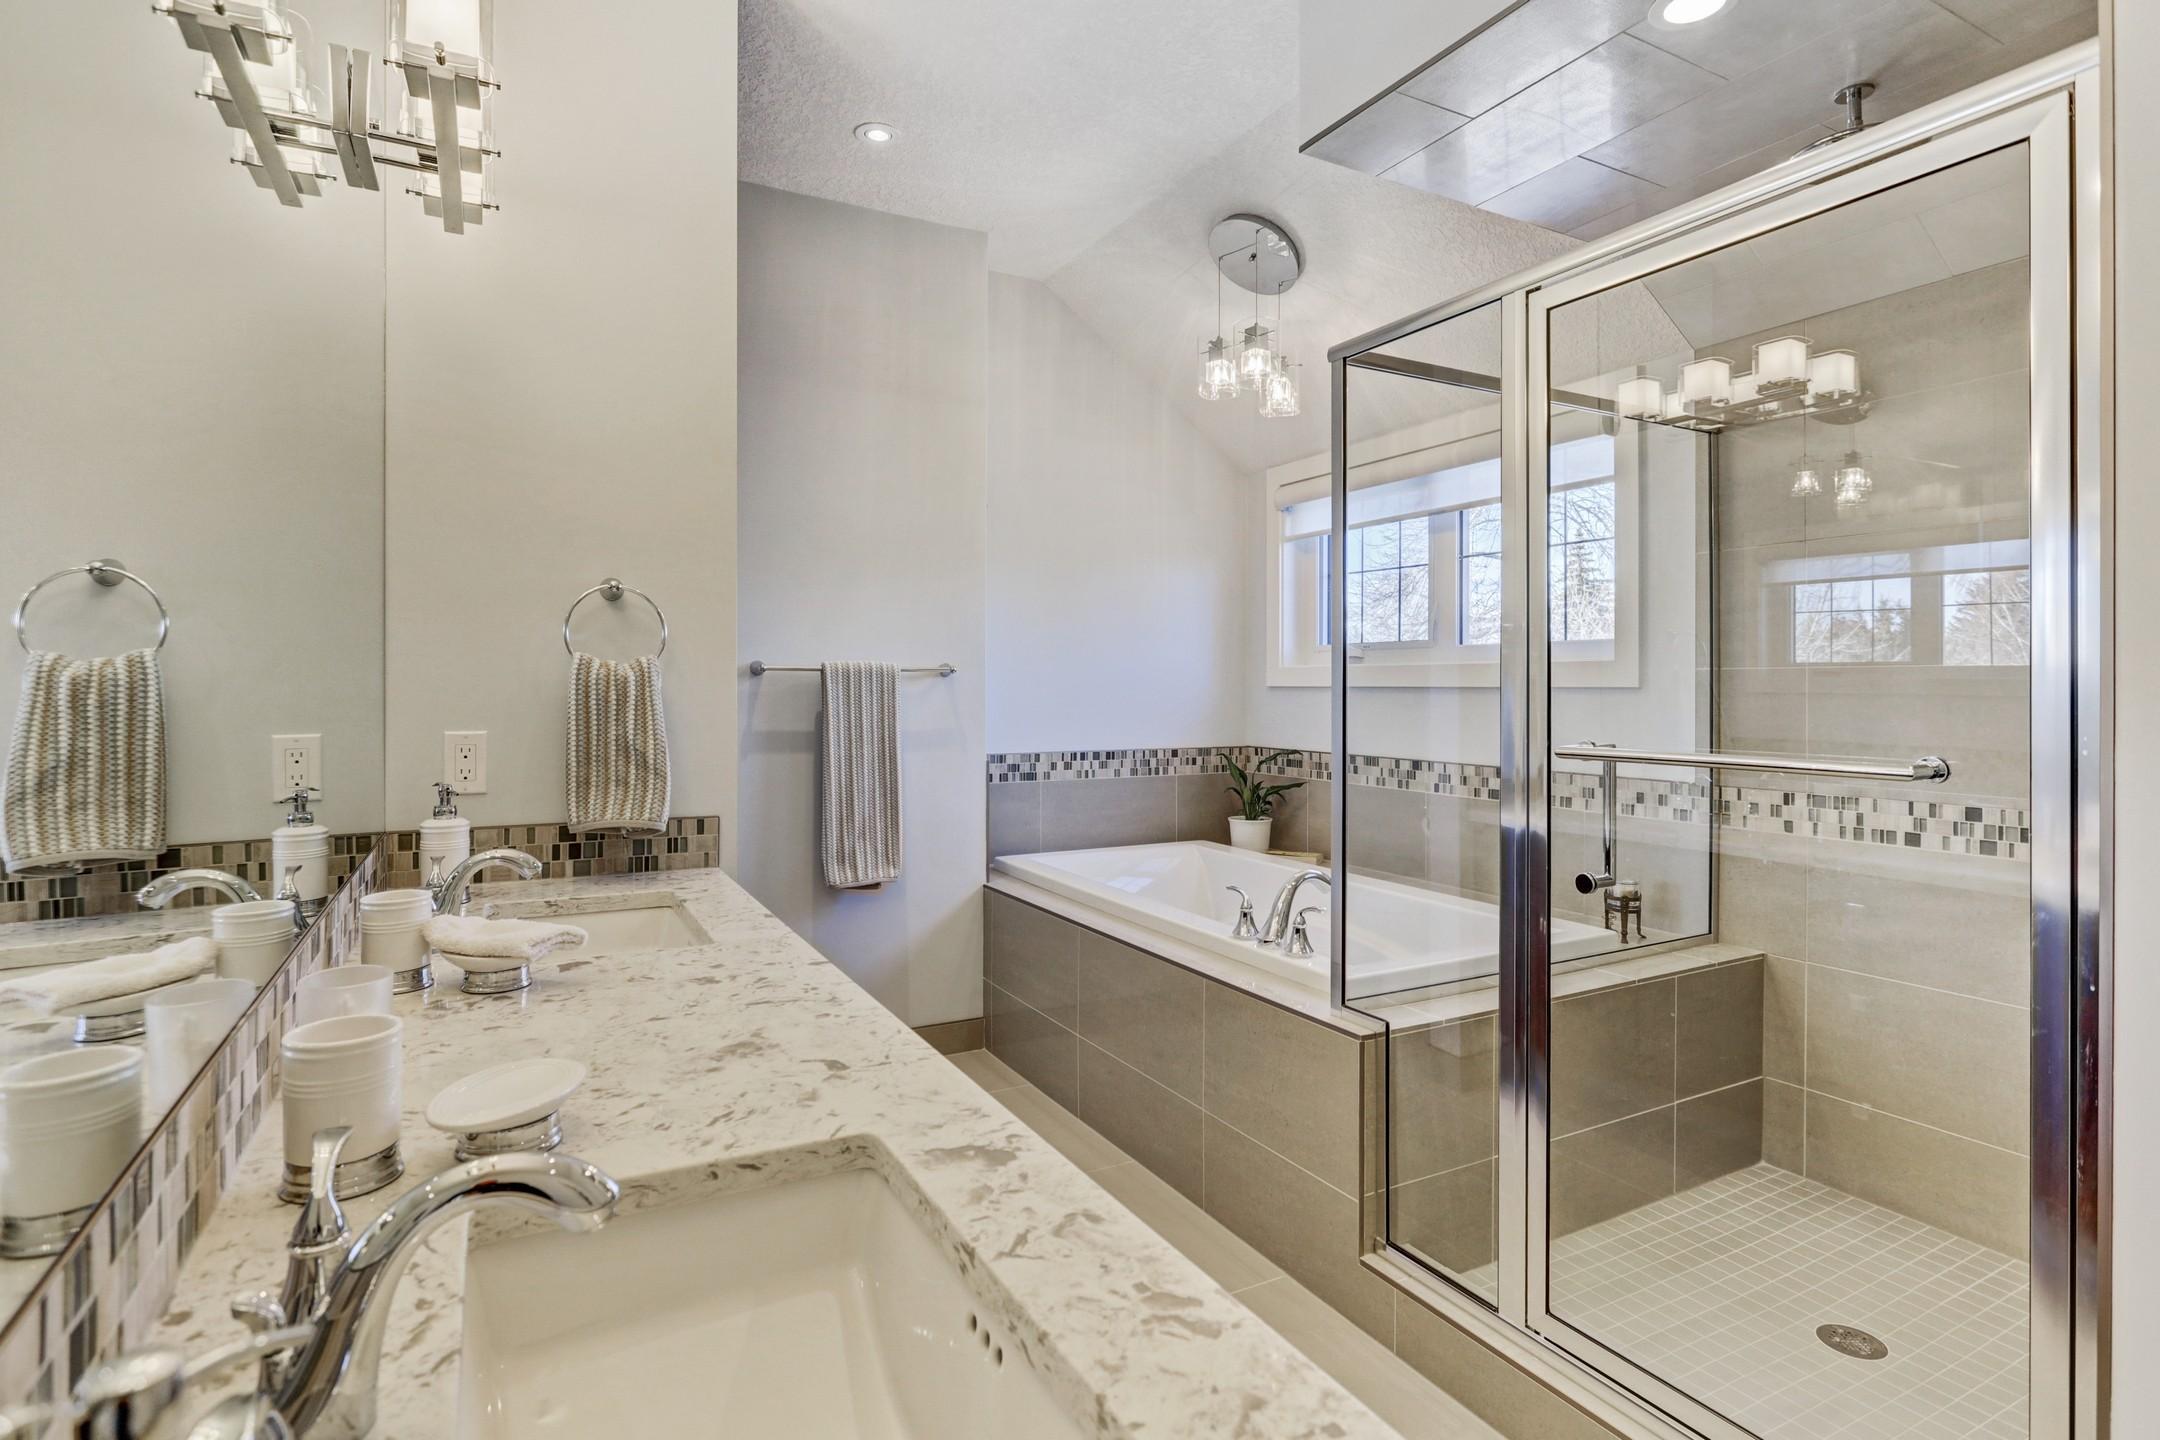 Glenbrook - Bathroom